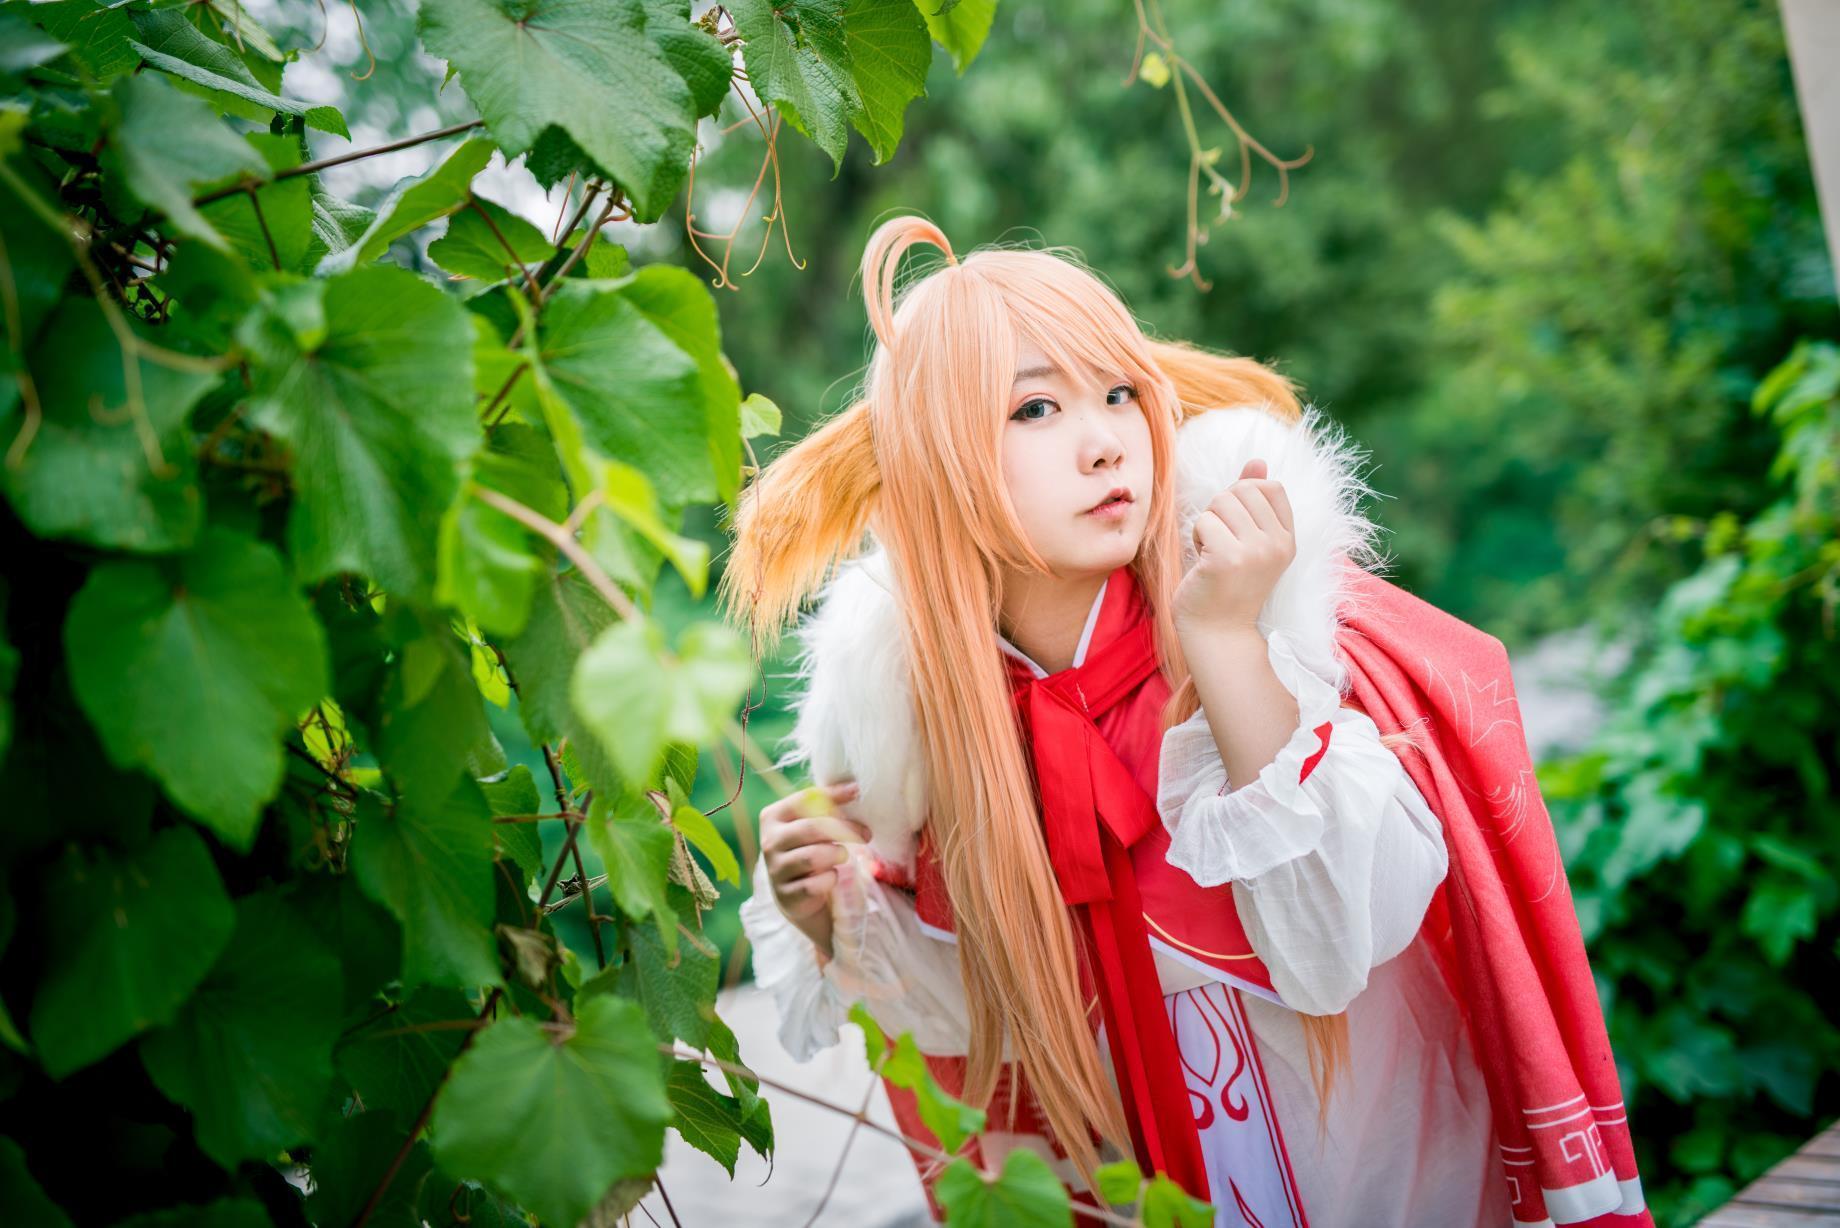 狐妖小红娘姐妹cos 可爱涂山苏苏和女王红红姐